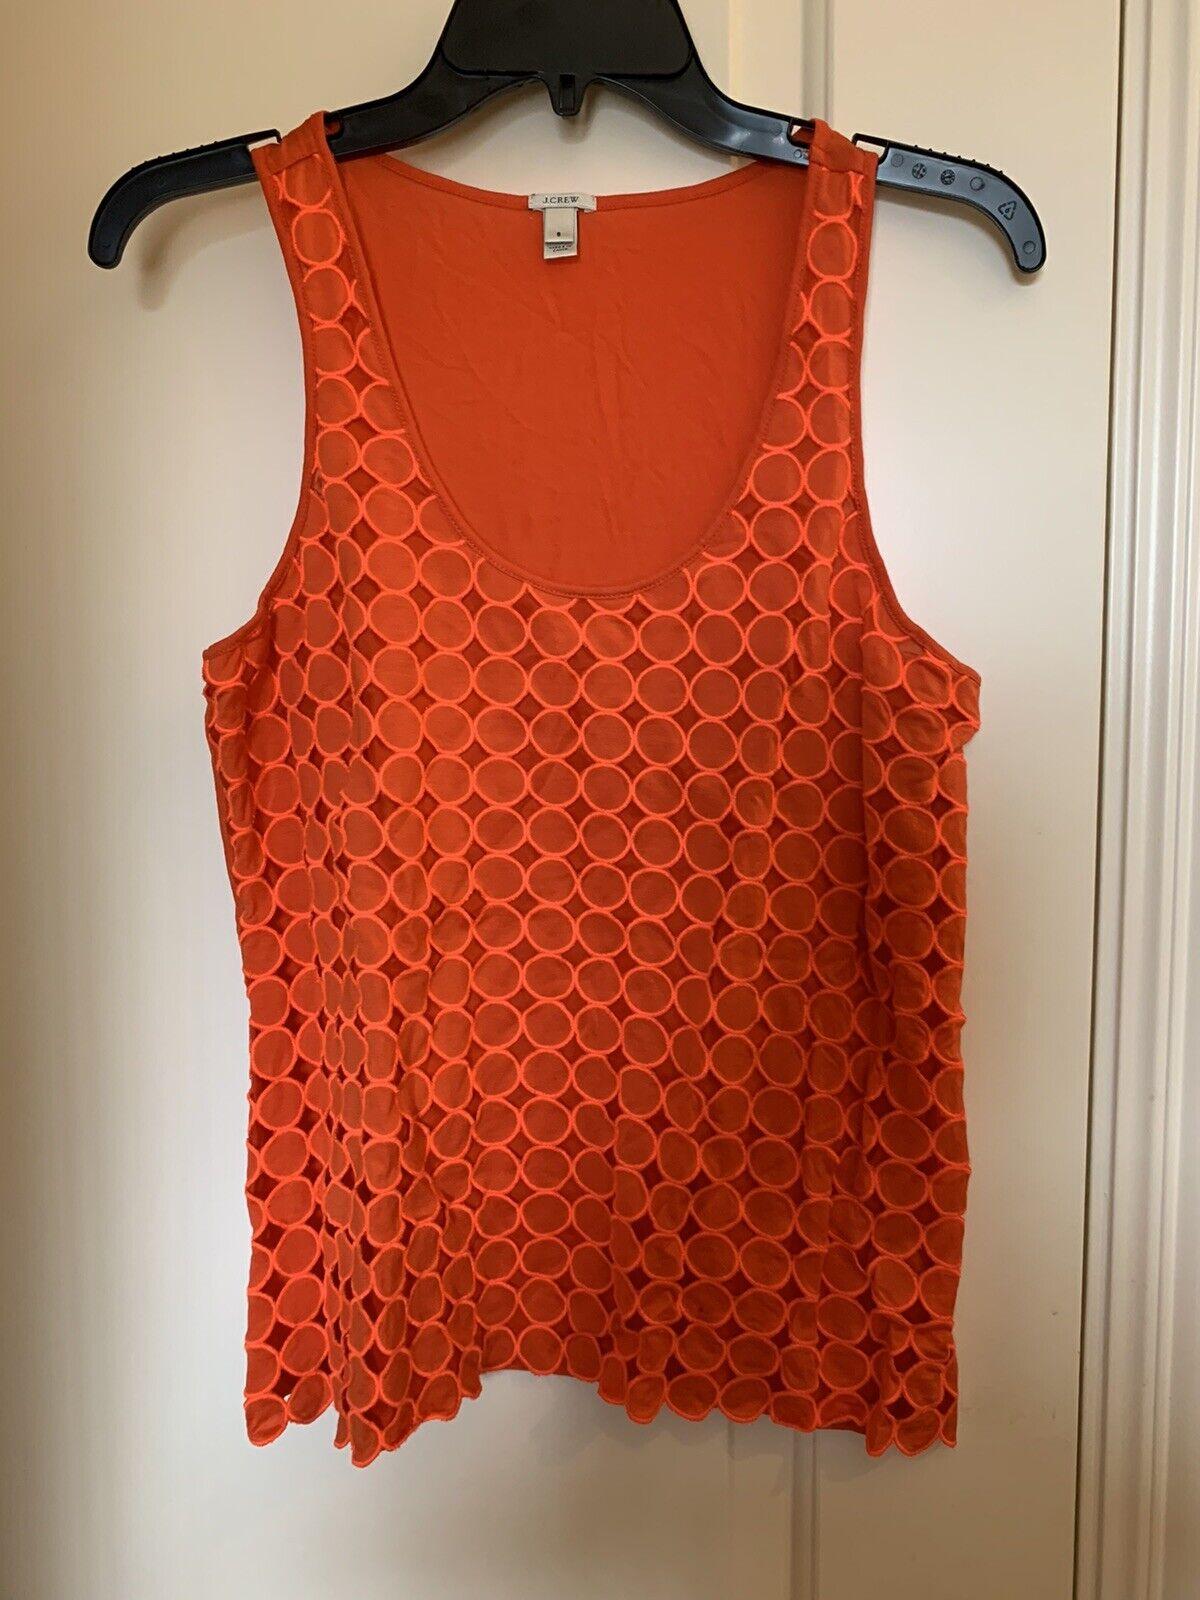 J Crew Womens Eyelet Dot Tank Top Orange Cotton S… - image 2